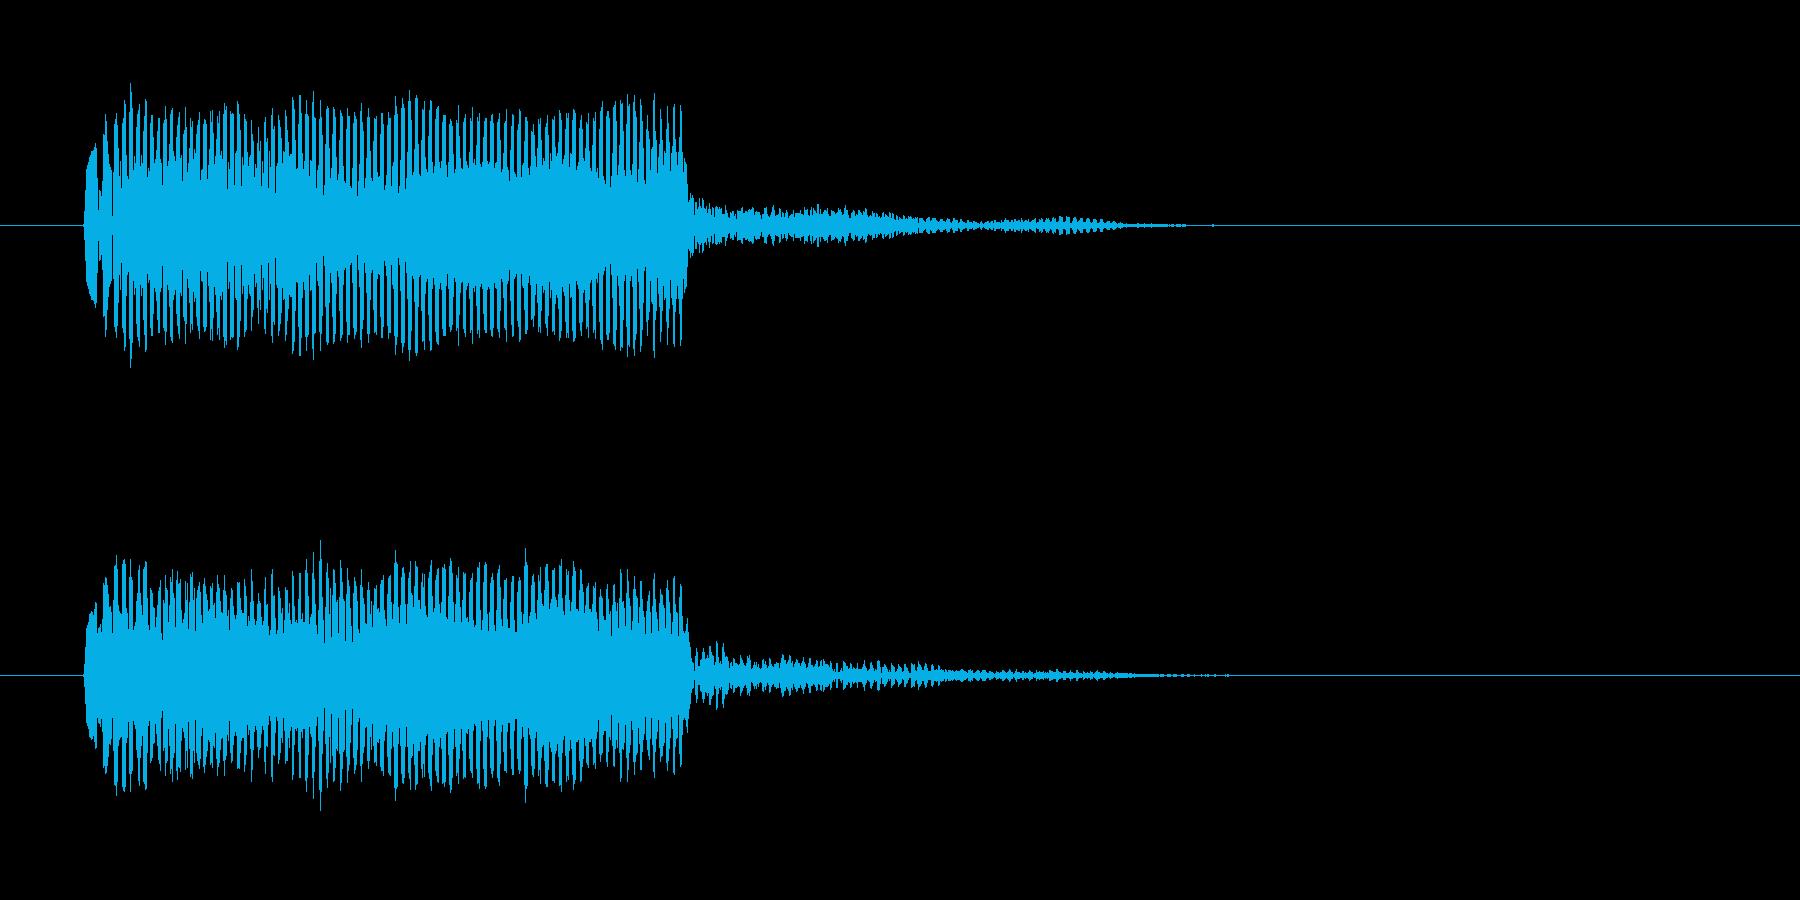 「ピーッ!」警笛による鳥の鳴き声の擬音の再生済みの波形